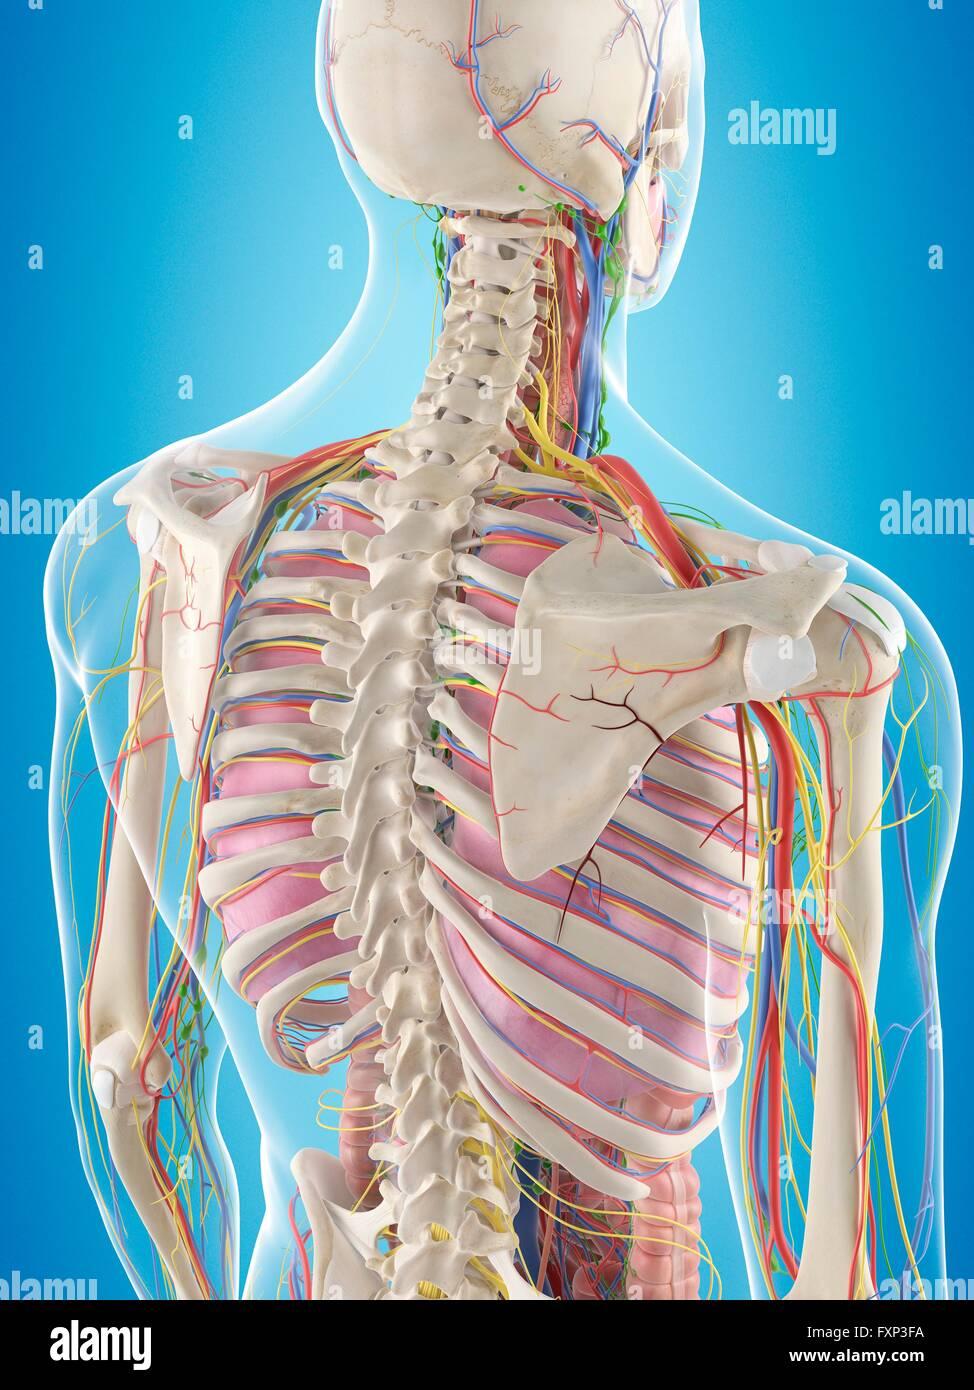 Wunderbar Anatomie Zurück Organe Zeitgenössisch - Menschliche ...